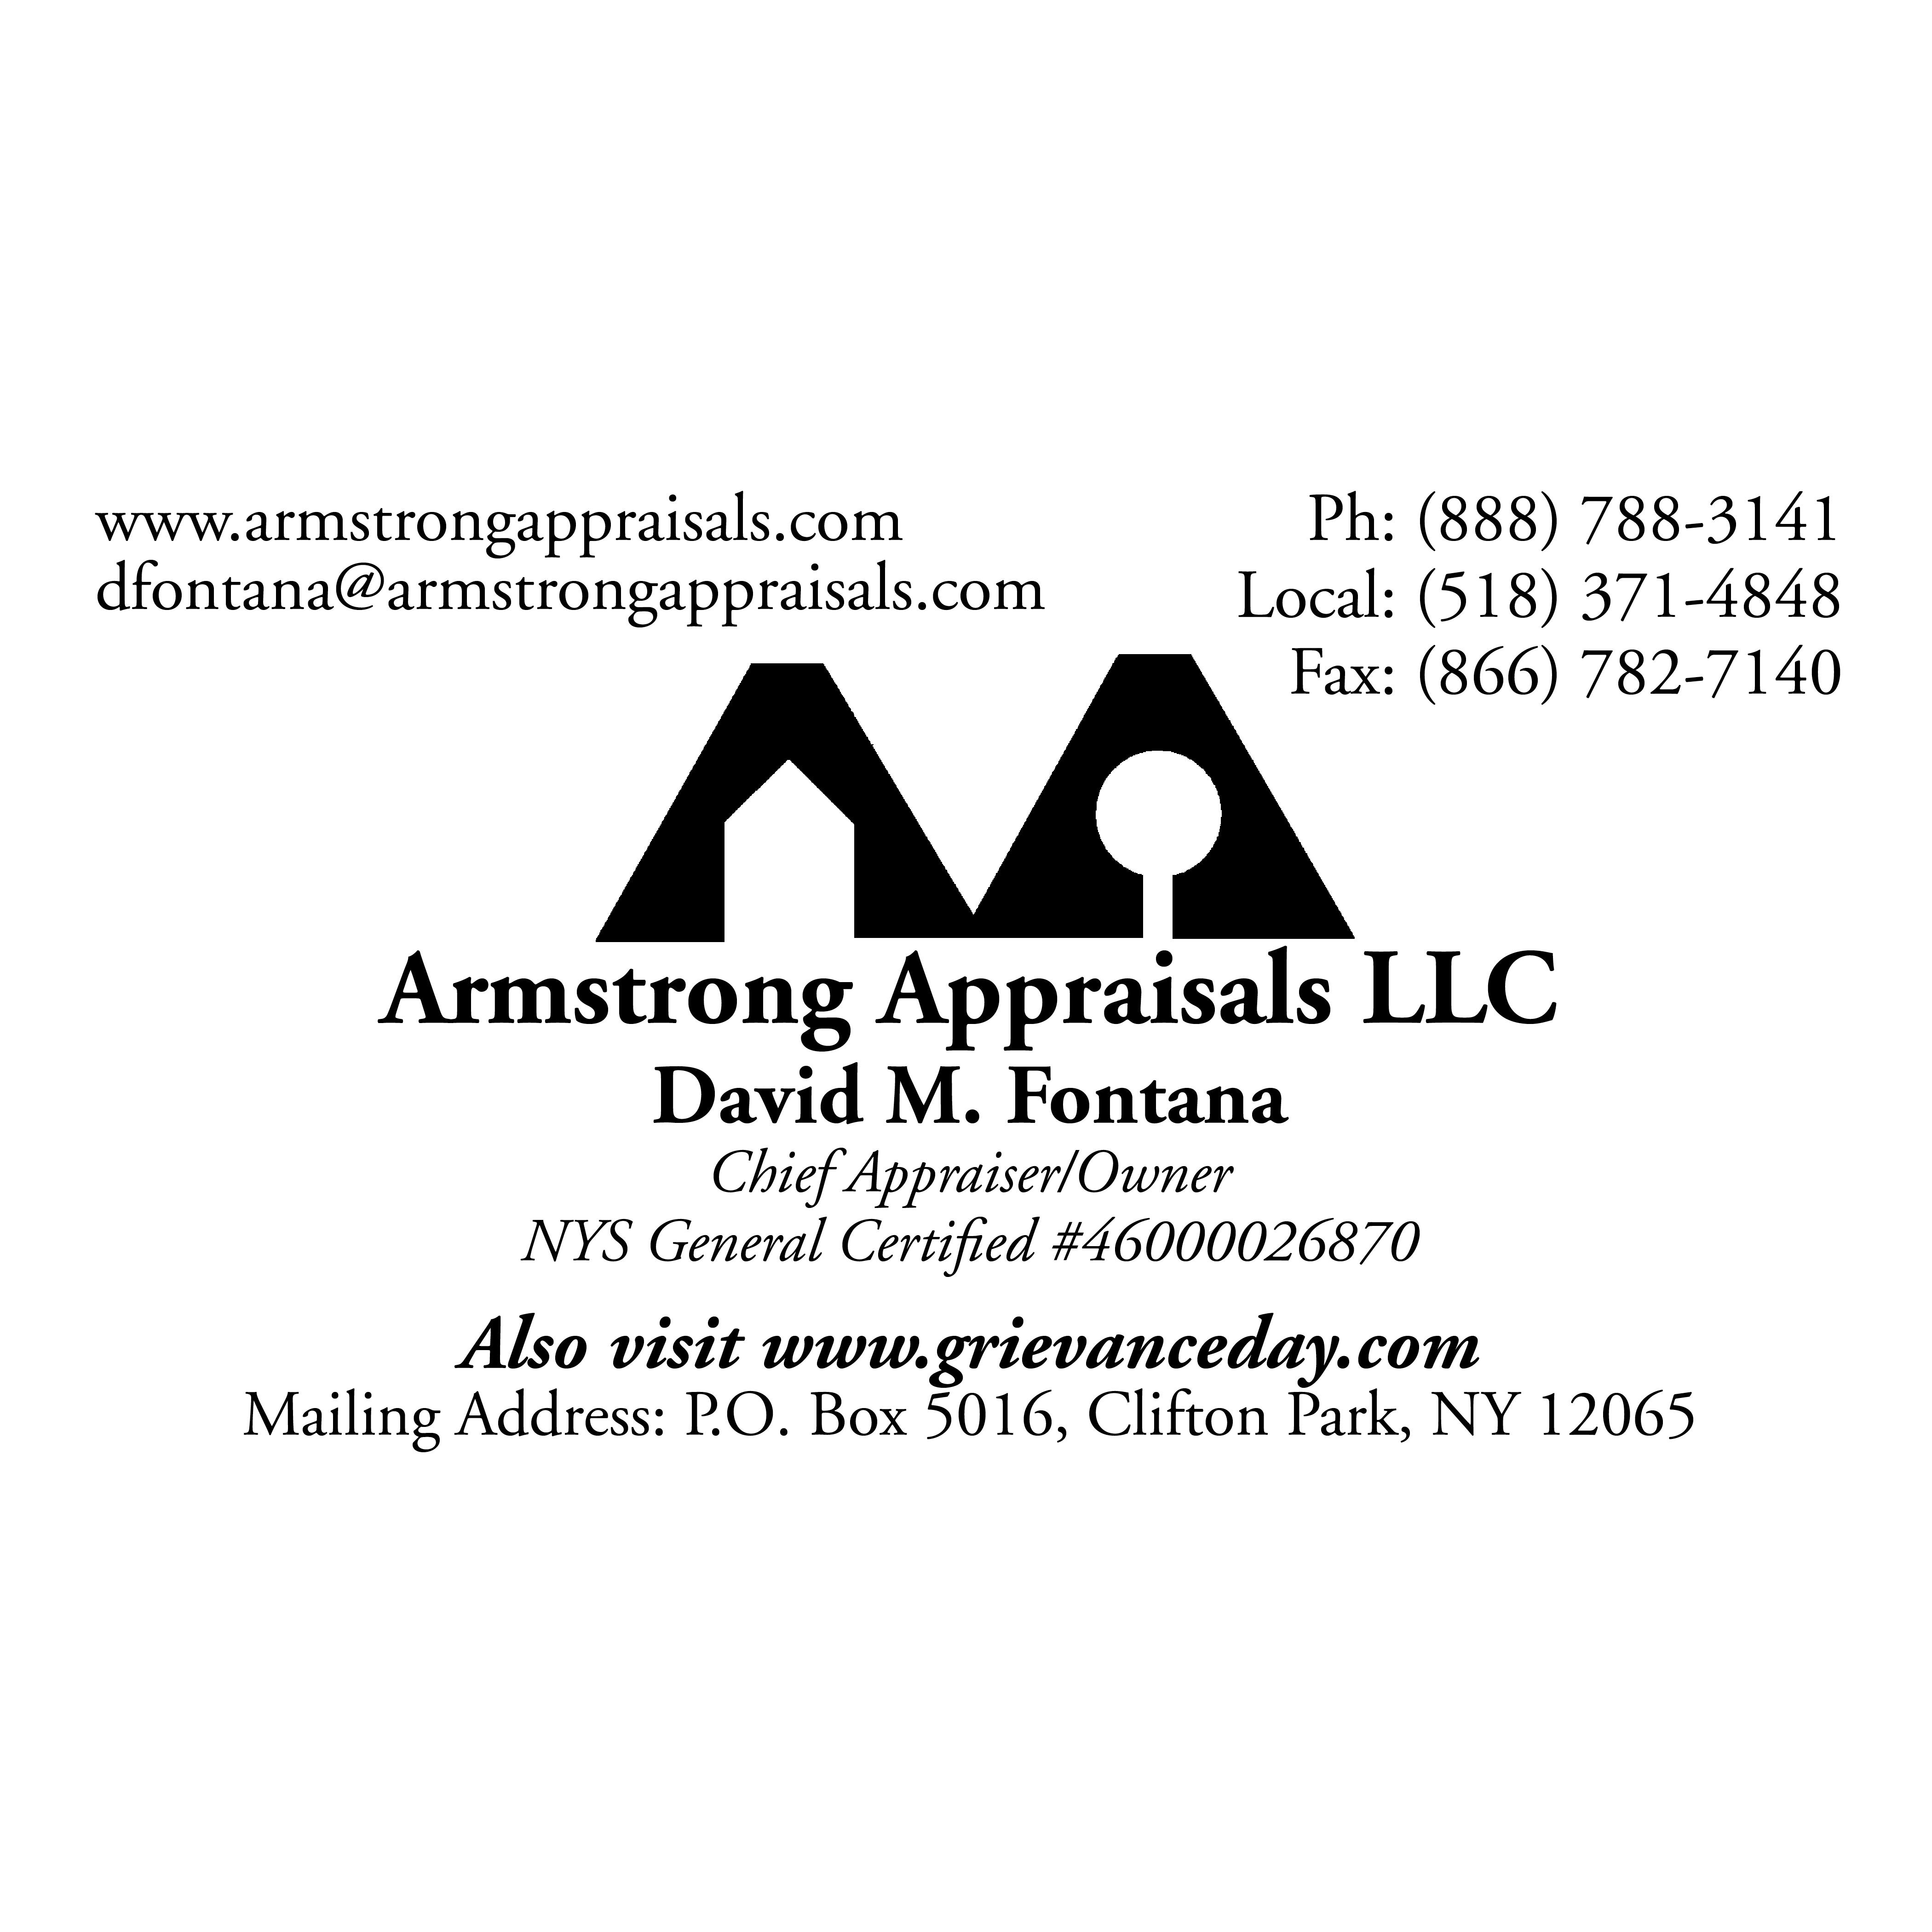 Armstrong Appraisals, LLC